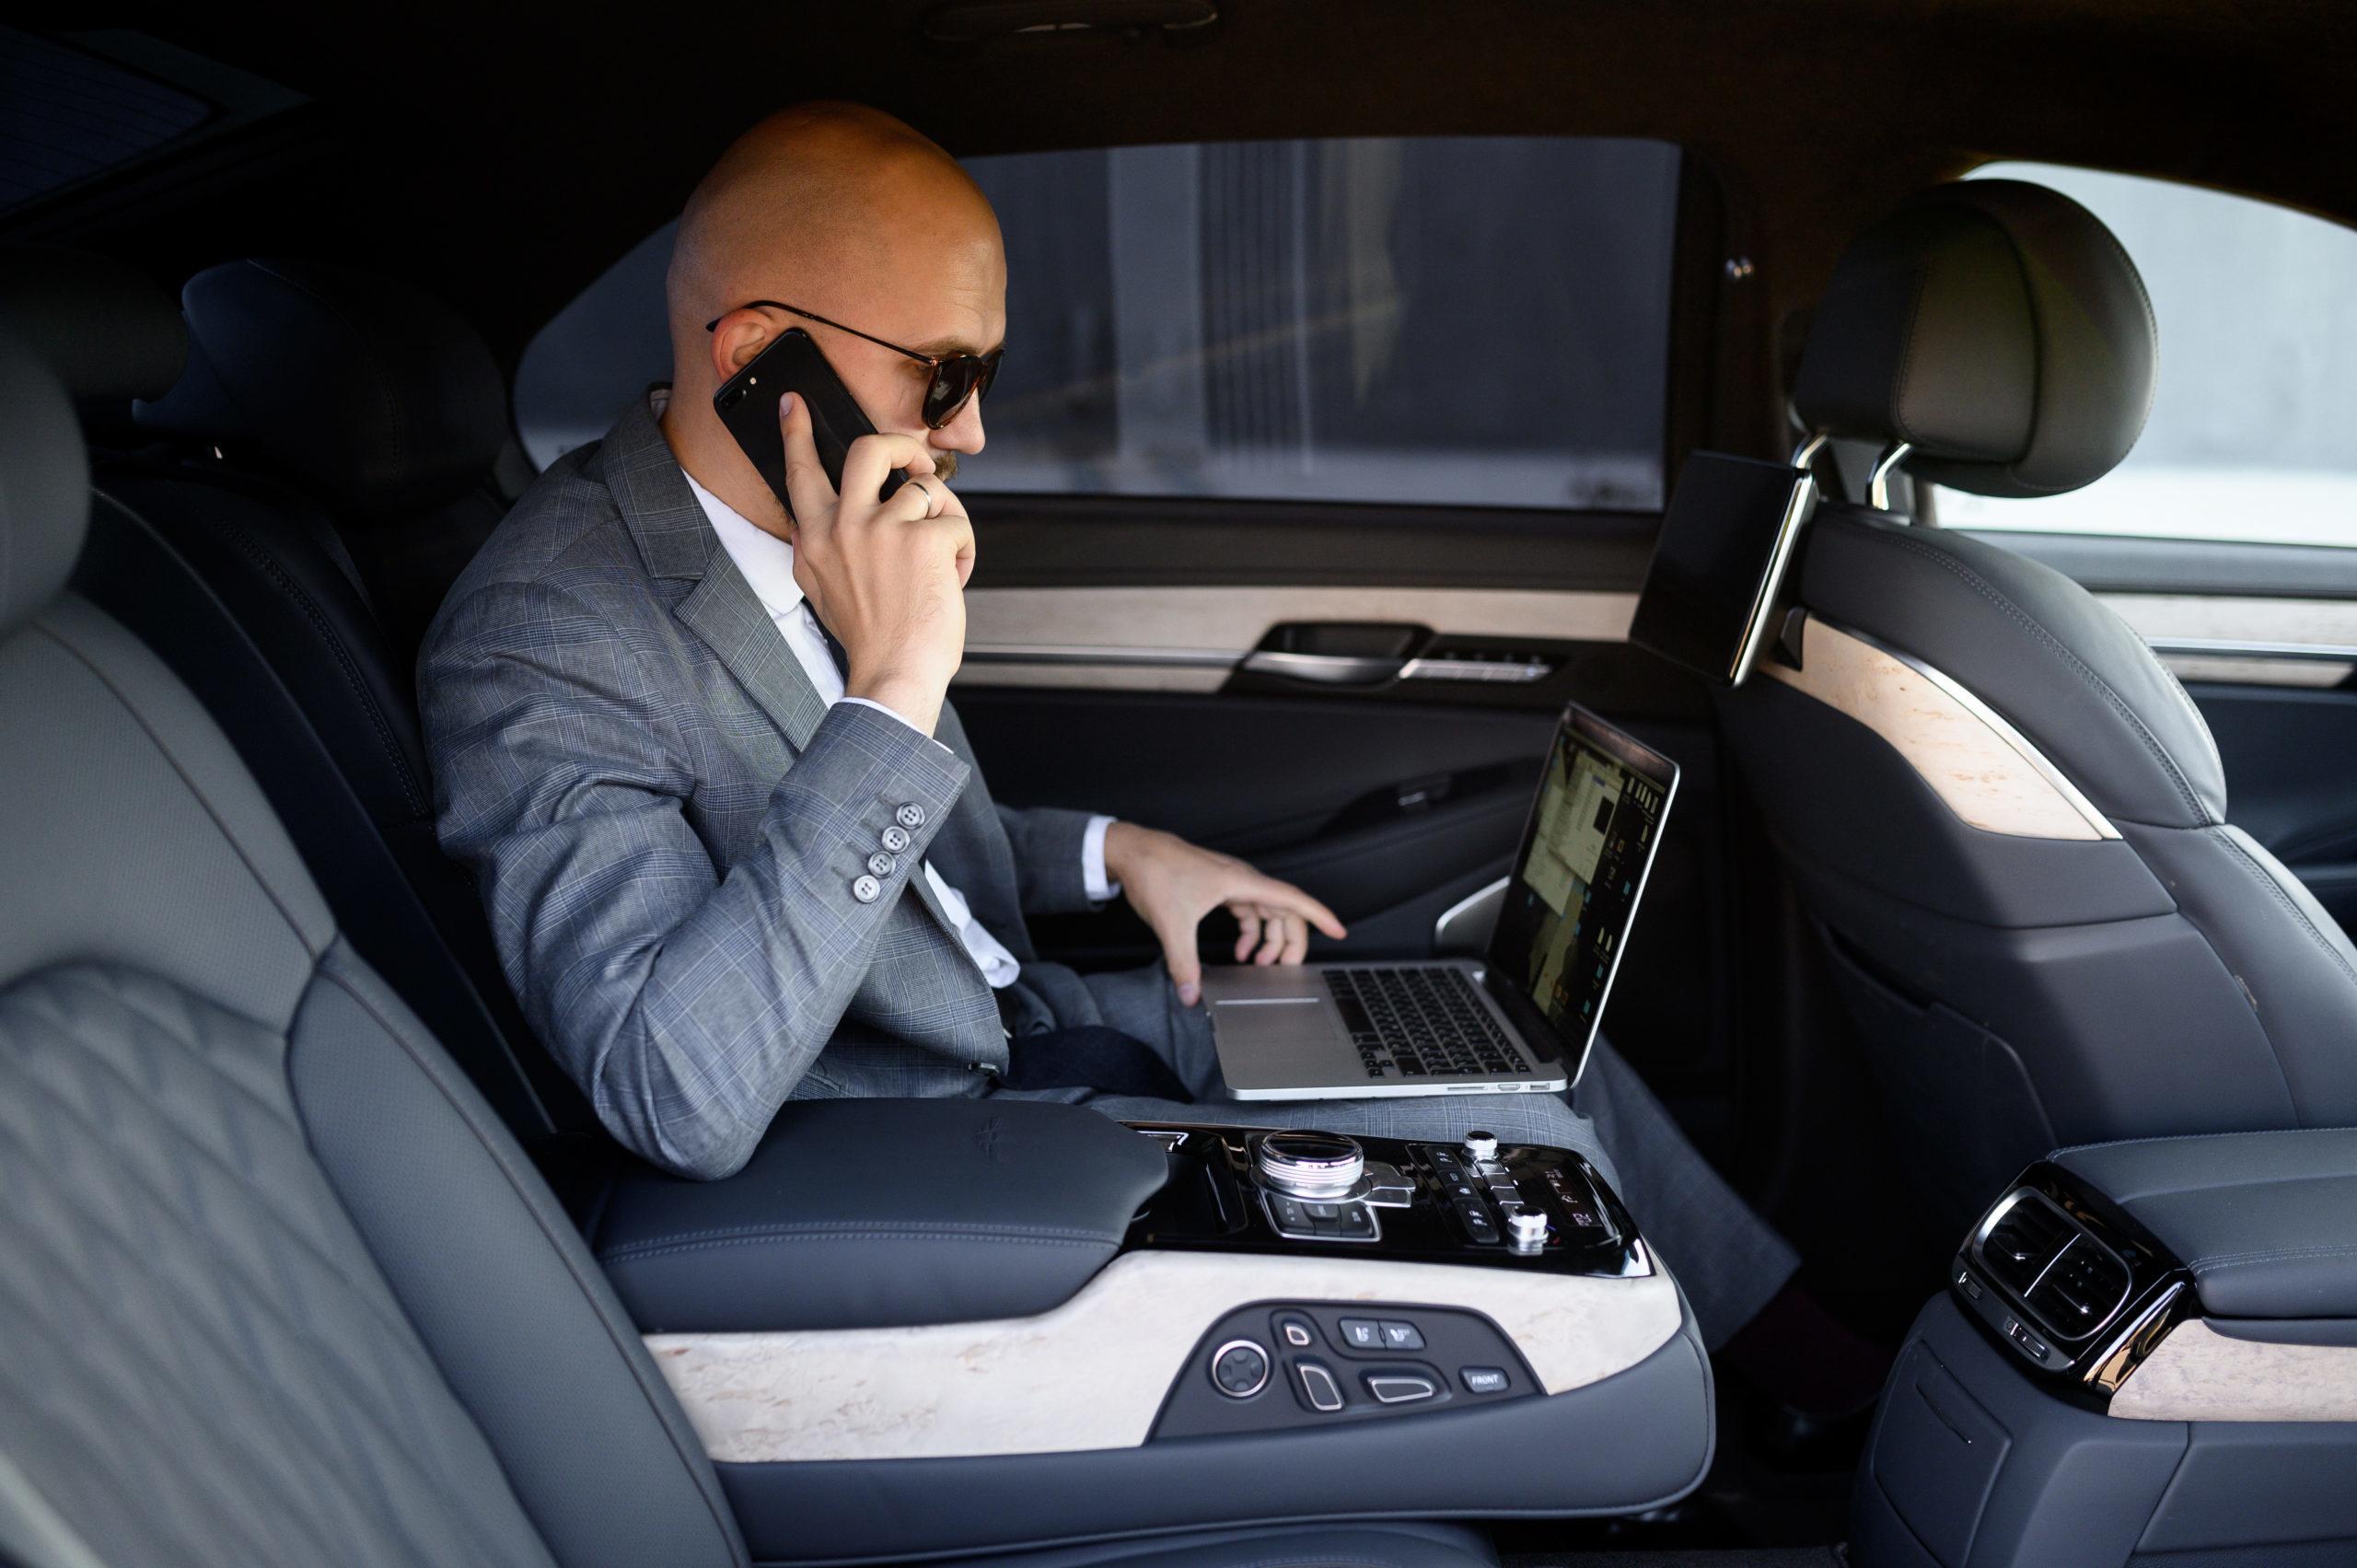 photo d'un monsieur assis dans un taxi - trajet business